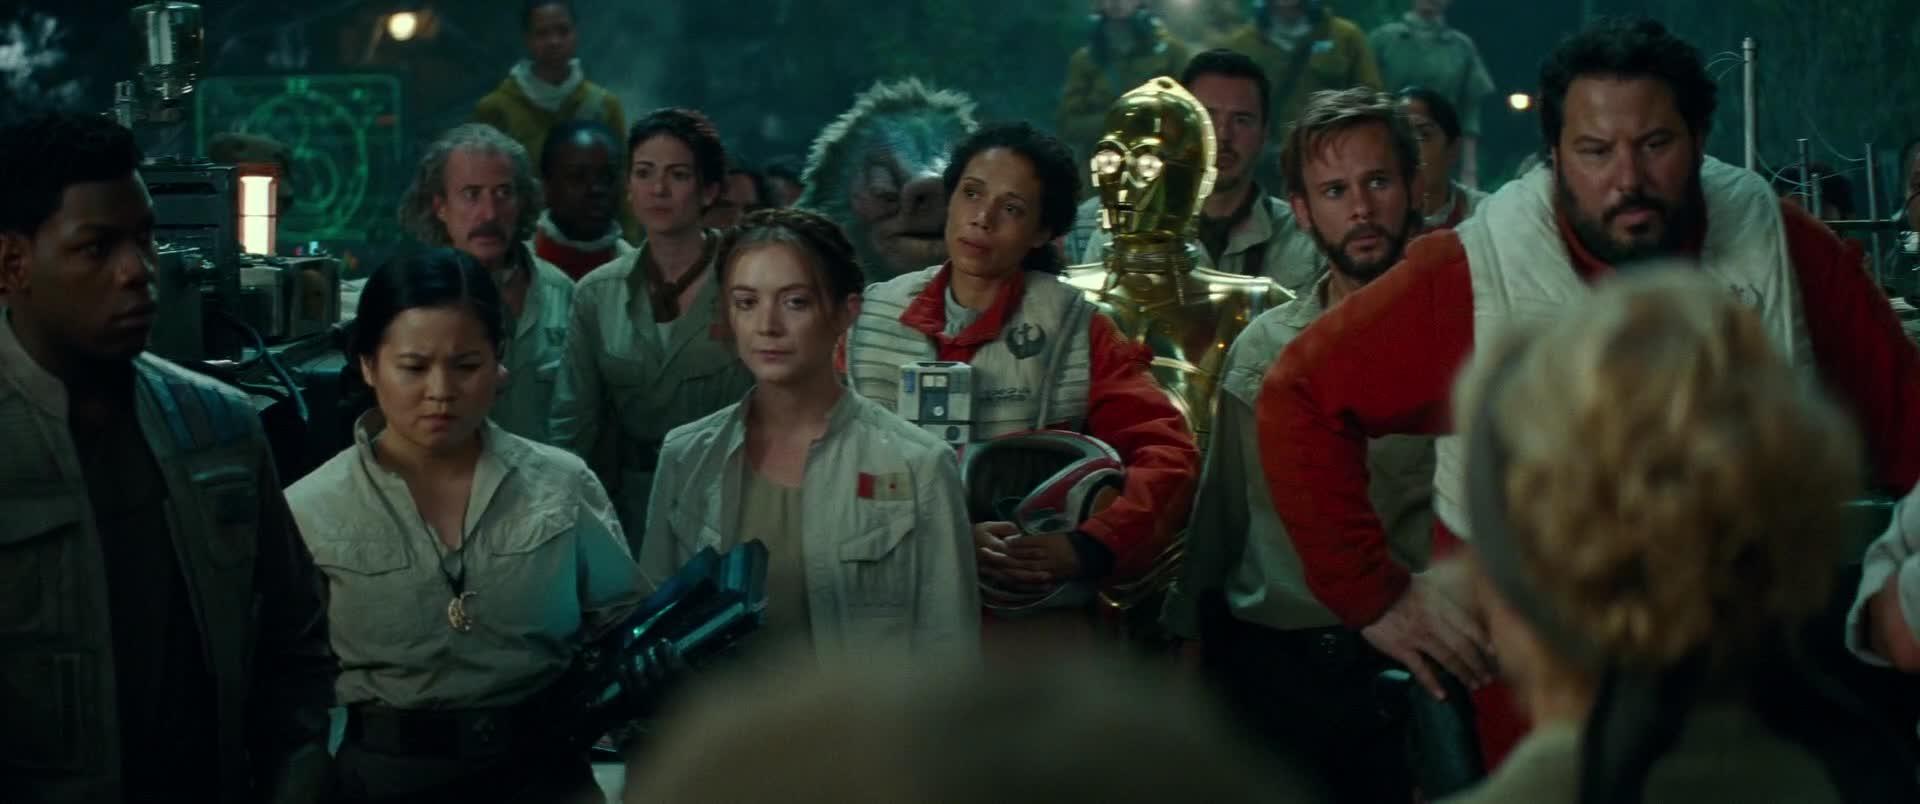 Star Wars Vzostup Skywalkera 2019 SK dabing HD 1080p